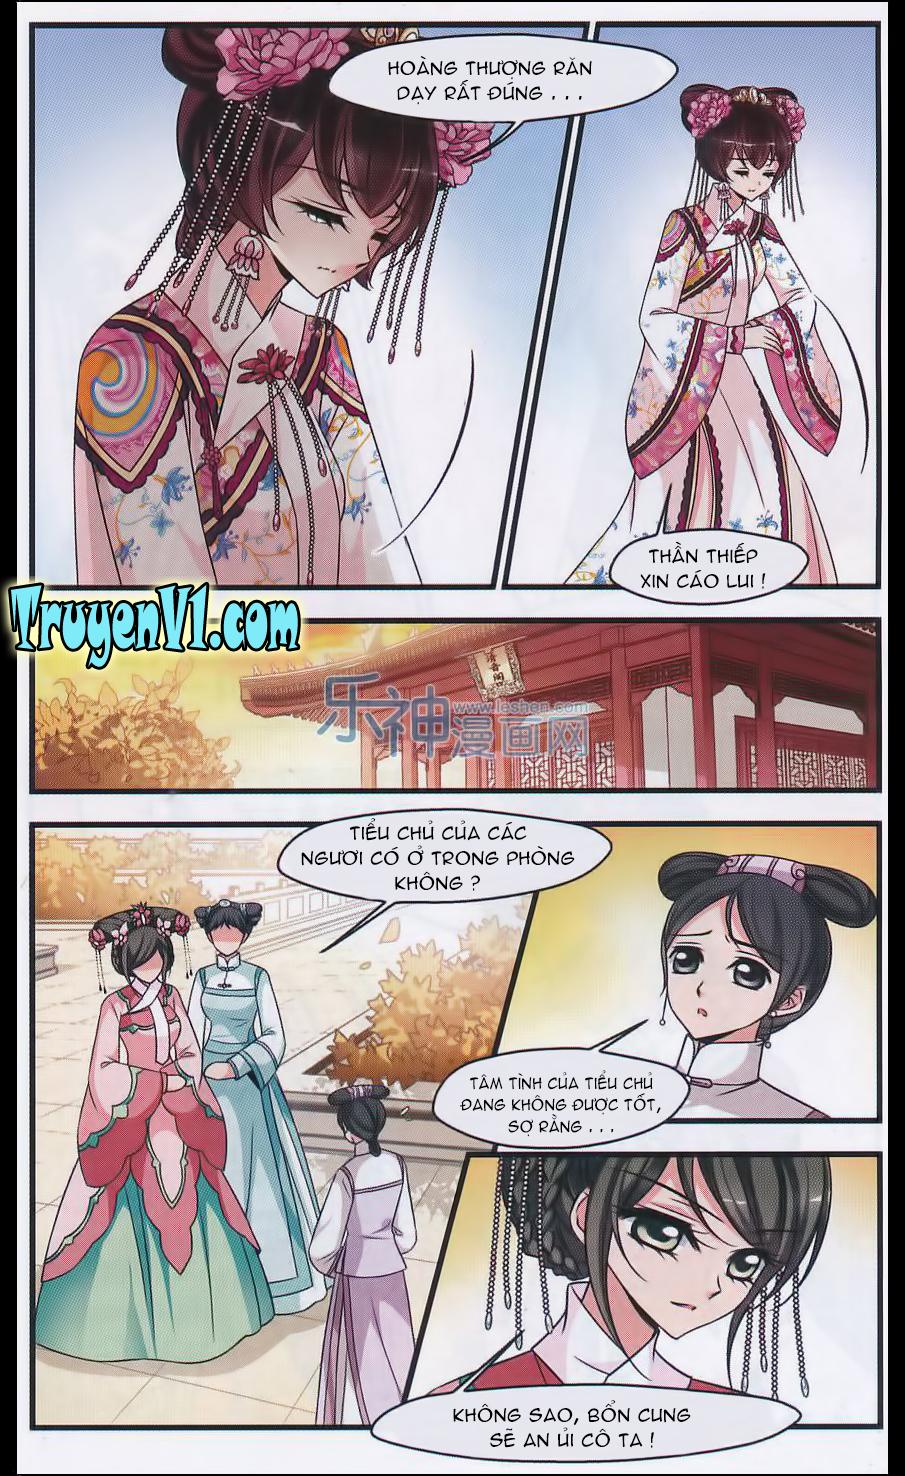 a3manga.com Phi Đãi Nghiên Tuyết Chap 92